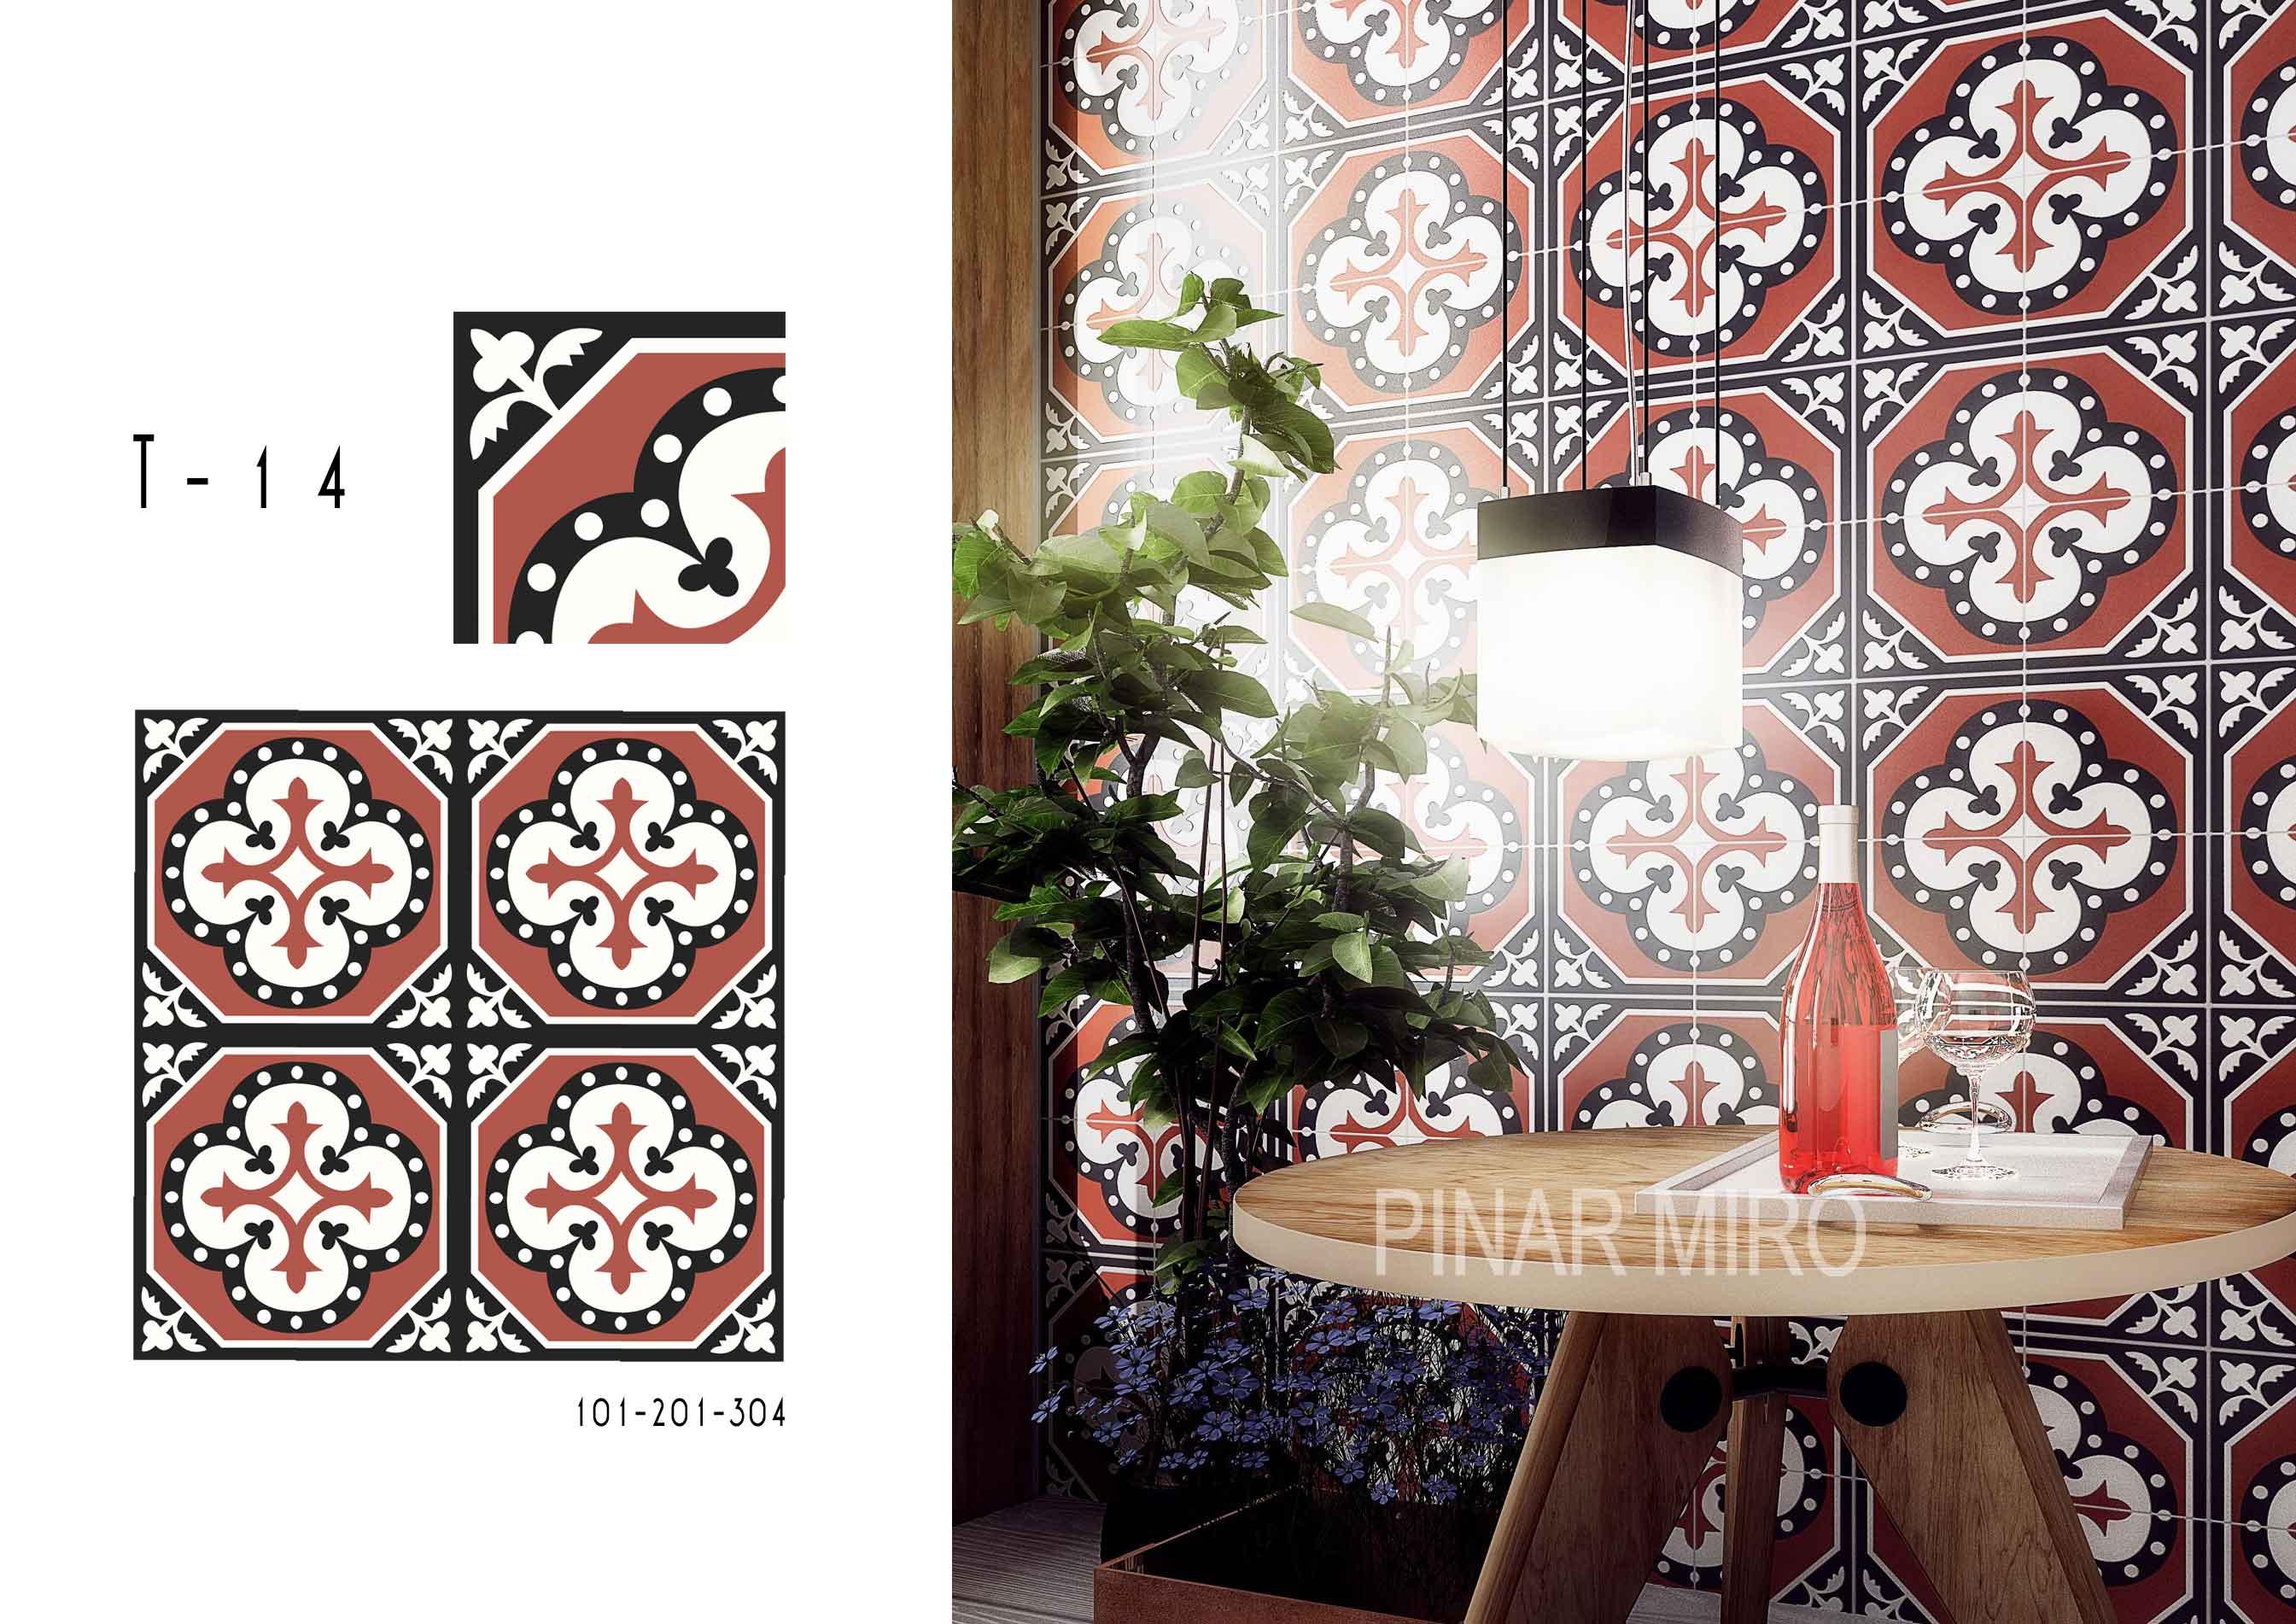 1t014-pinar-miro-cement-tiles